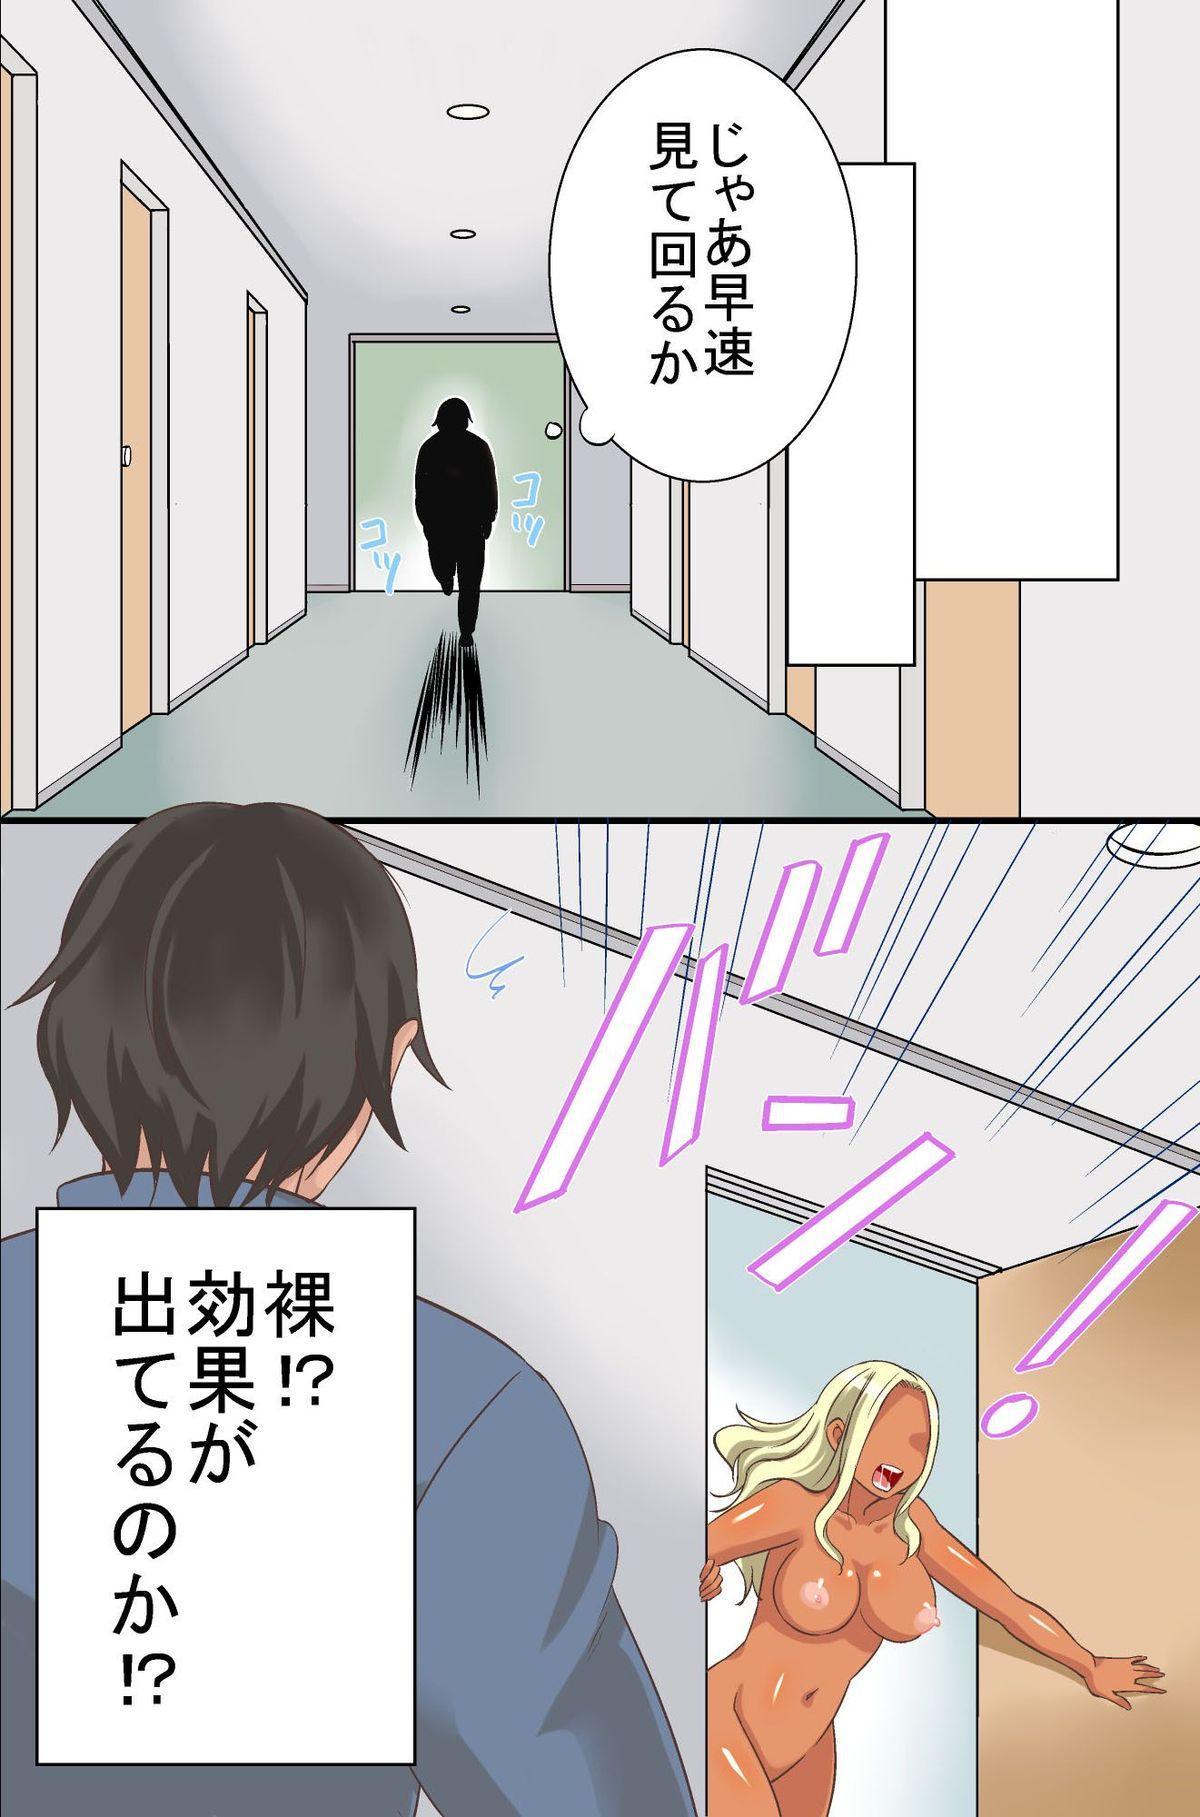 [rbooks (kumikouj)] Joshiryou no Onna-tachi ga Zombie-ka shita no de Hokaku shite Okashimakutte Ore dake no Juujun Pet ni Shite mita 5